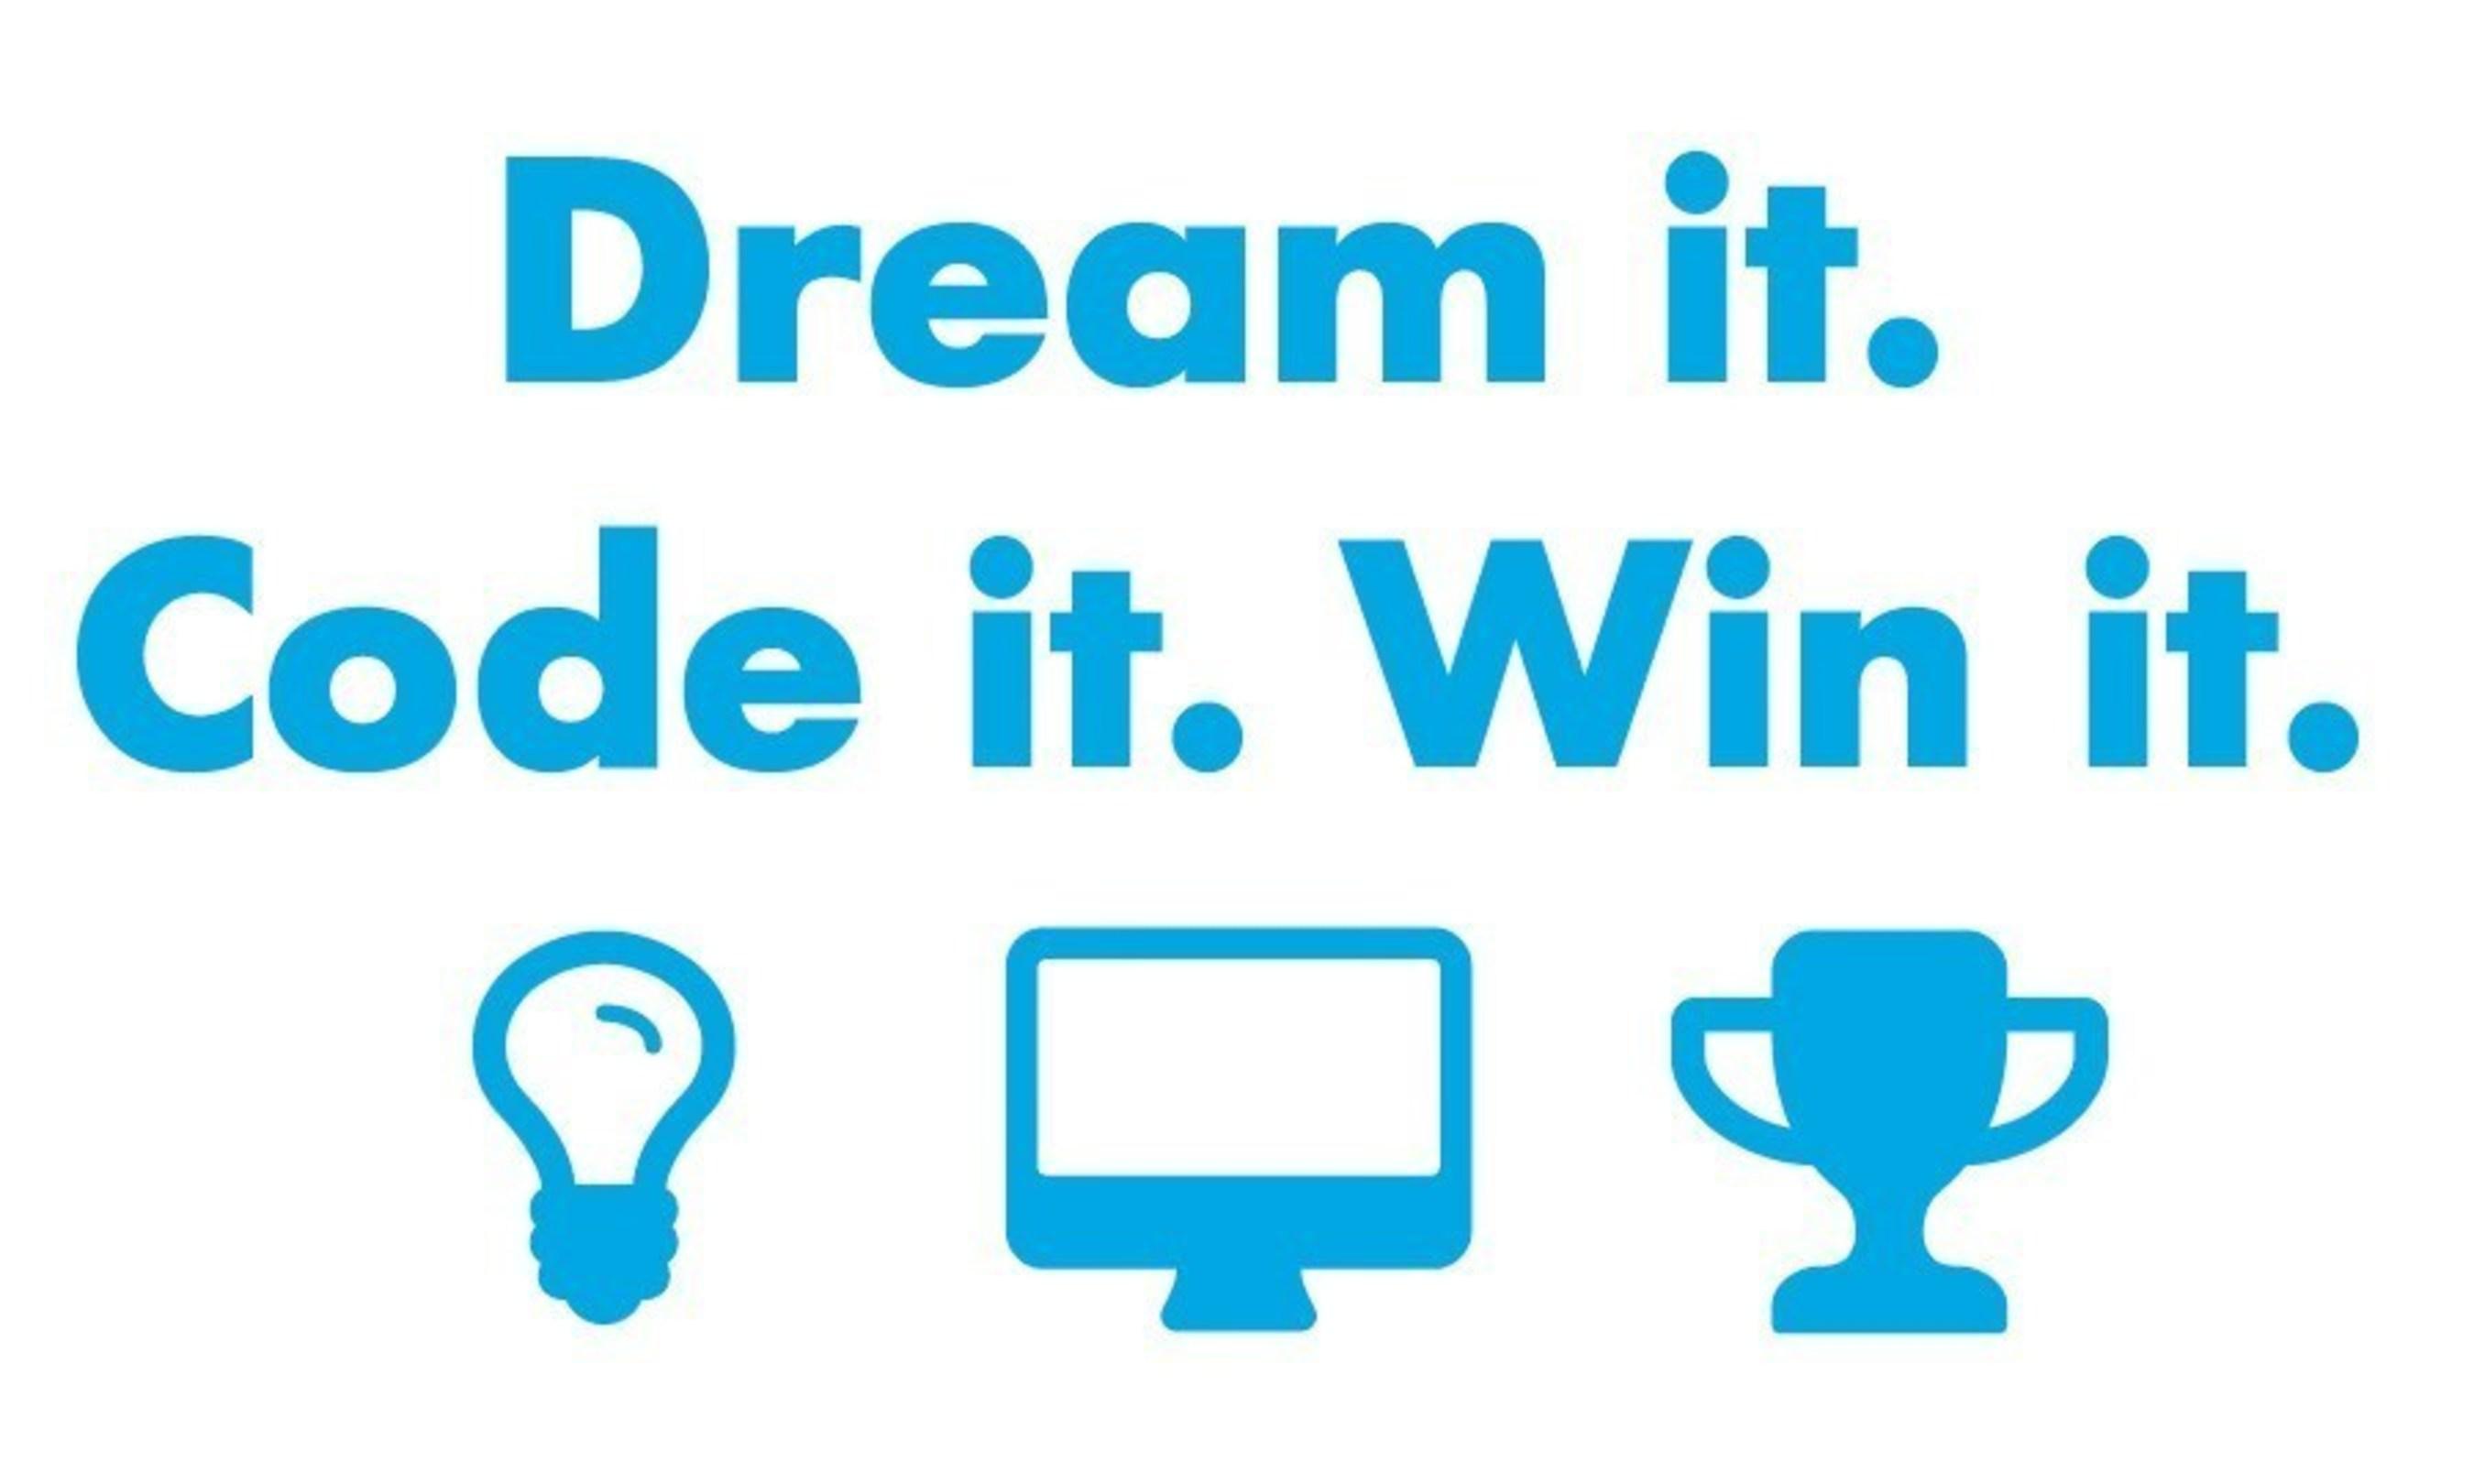 Dream it. Code it. Win it.